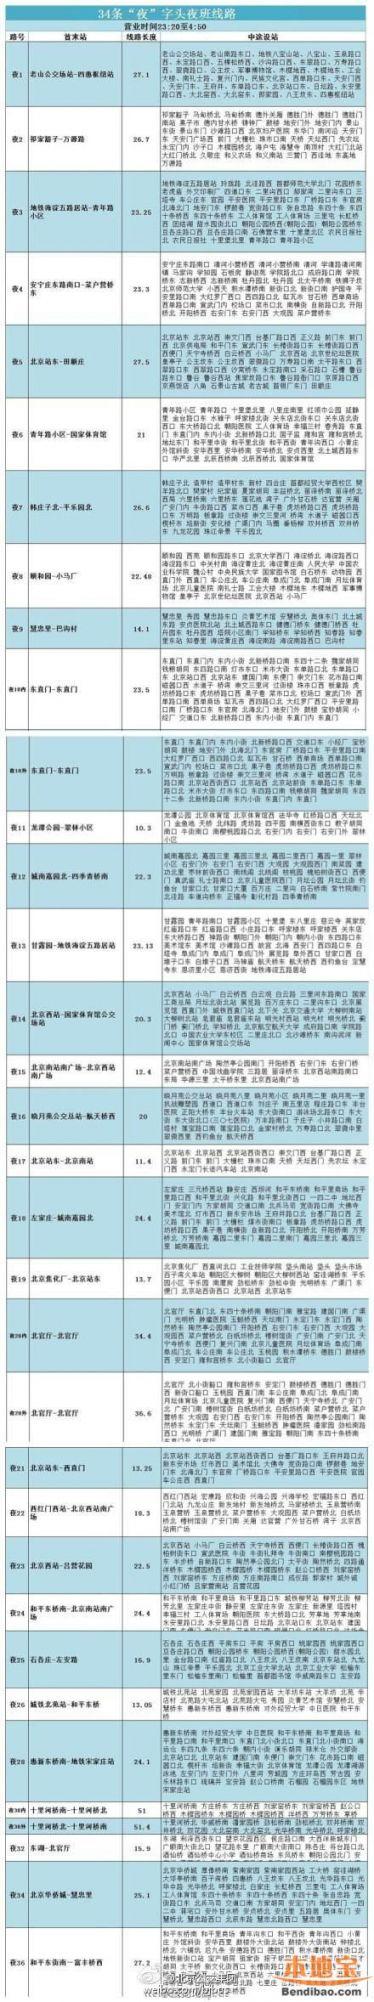 北京公交夜班车一览表